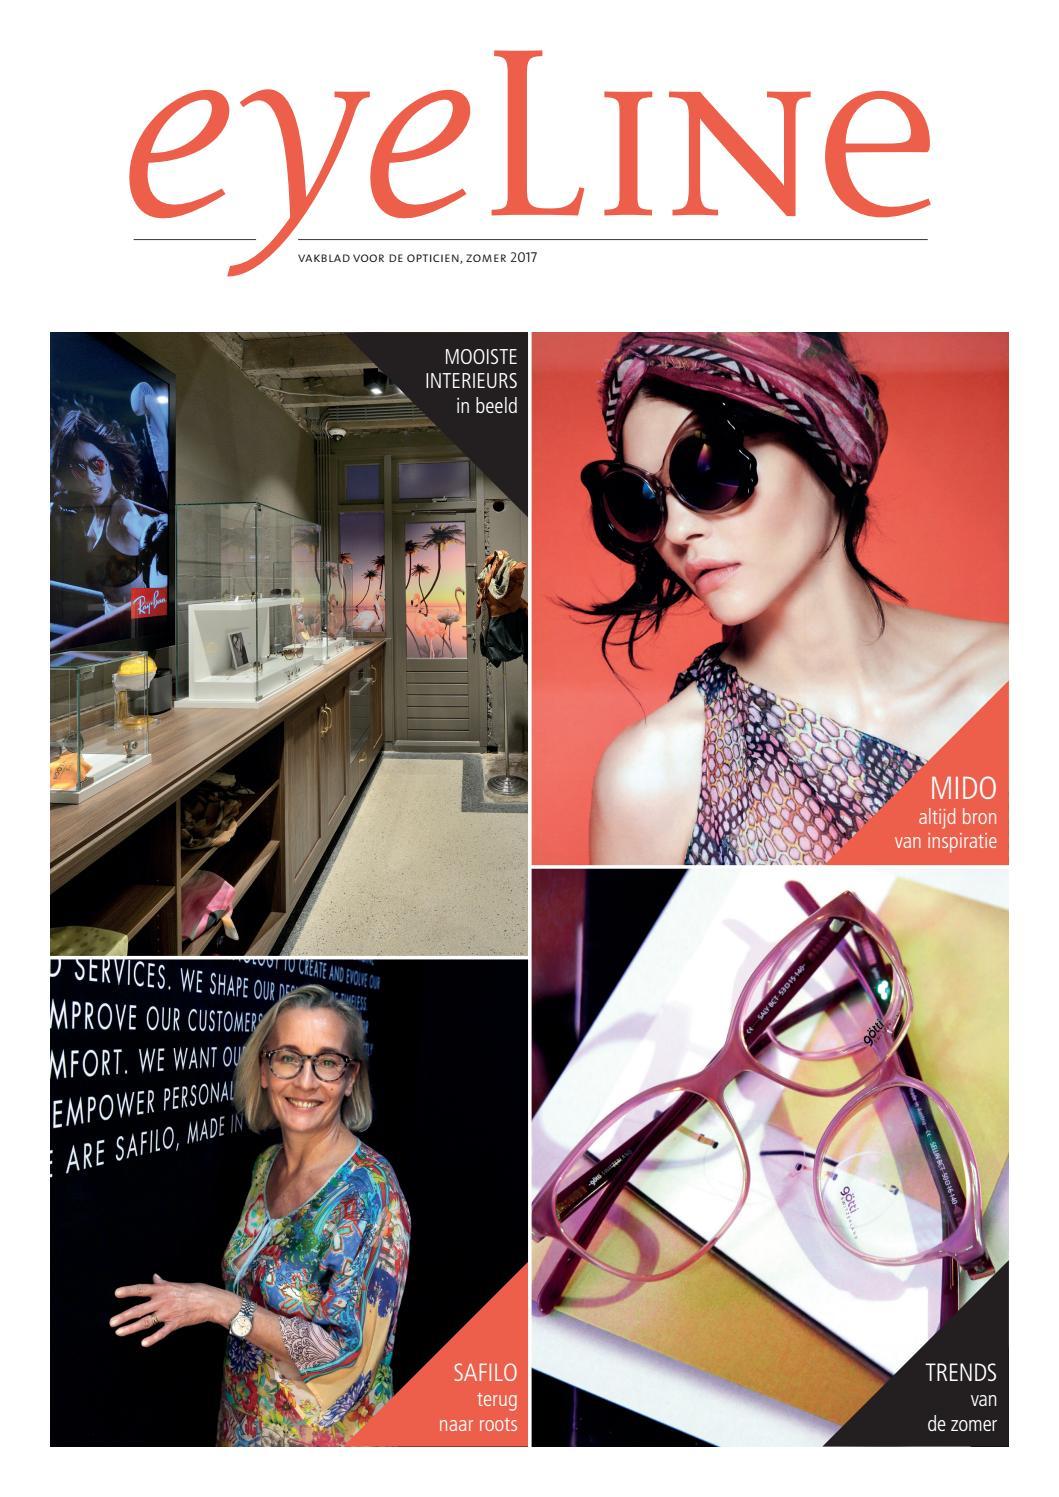 Vakblad Eyeline Media By Lt Magazine2 Issuu 2017 ZuPiXk